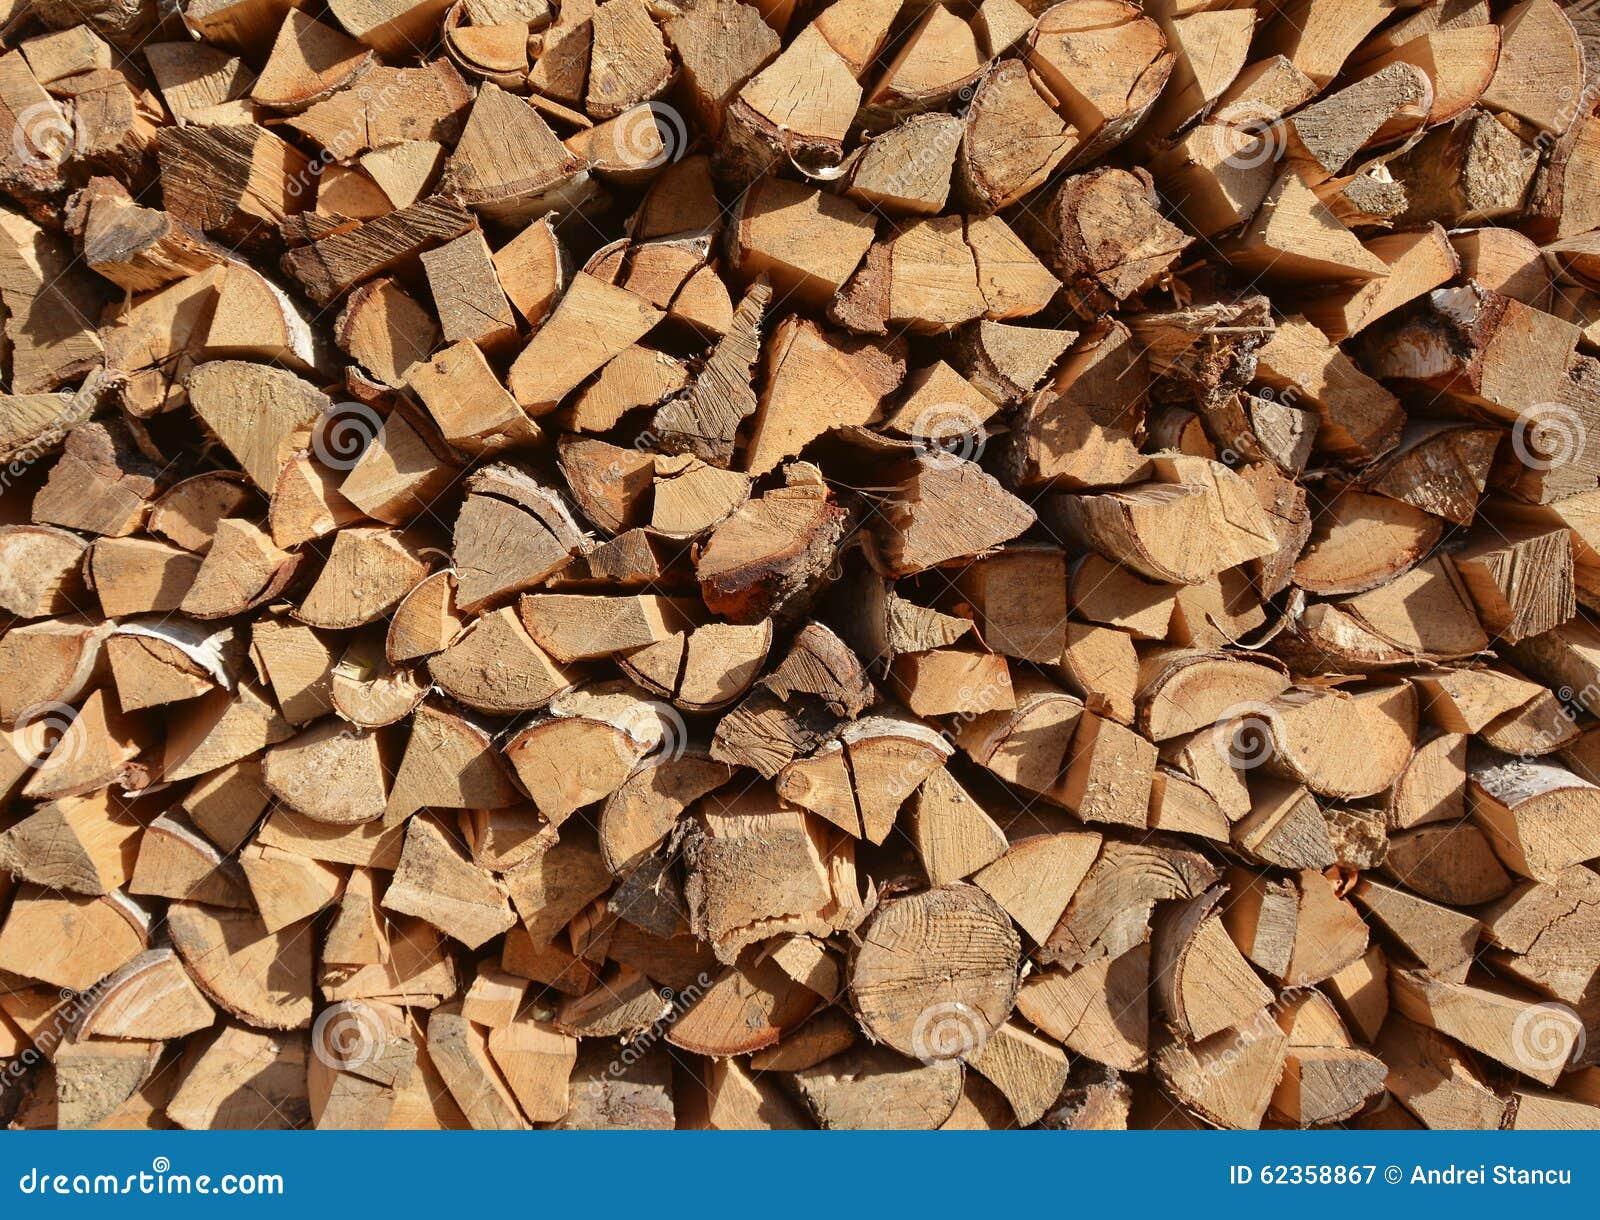 Pile Of Wood Stock Photo Image 62358867